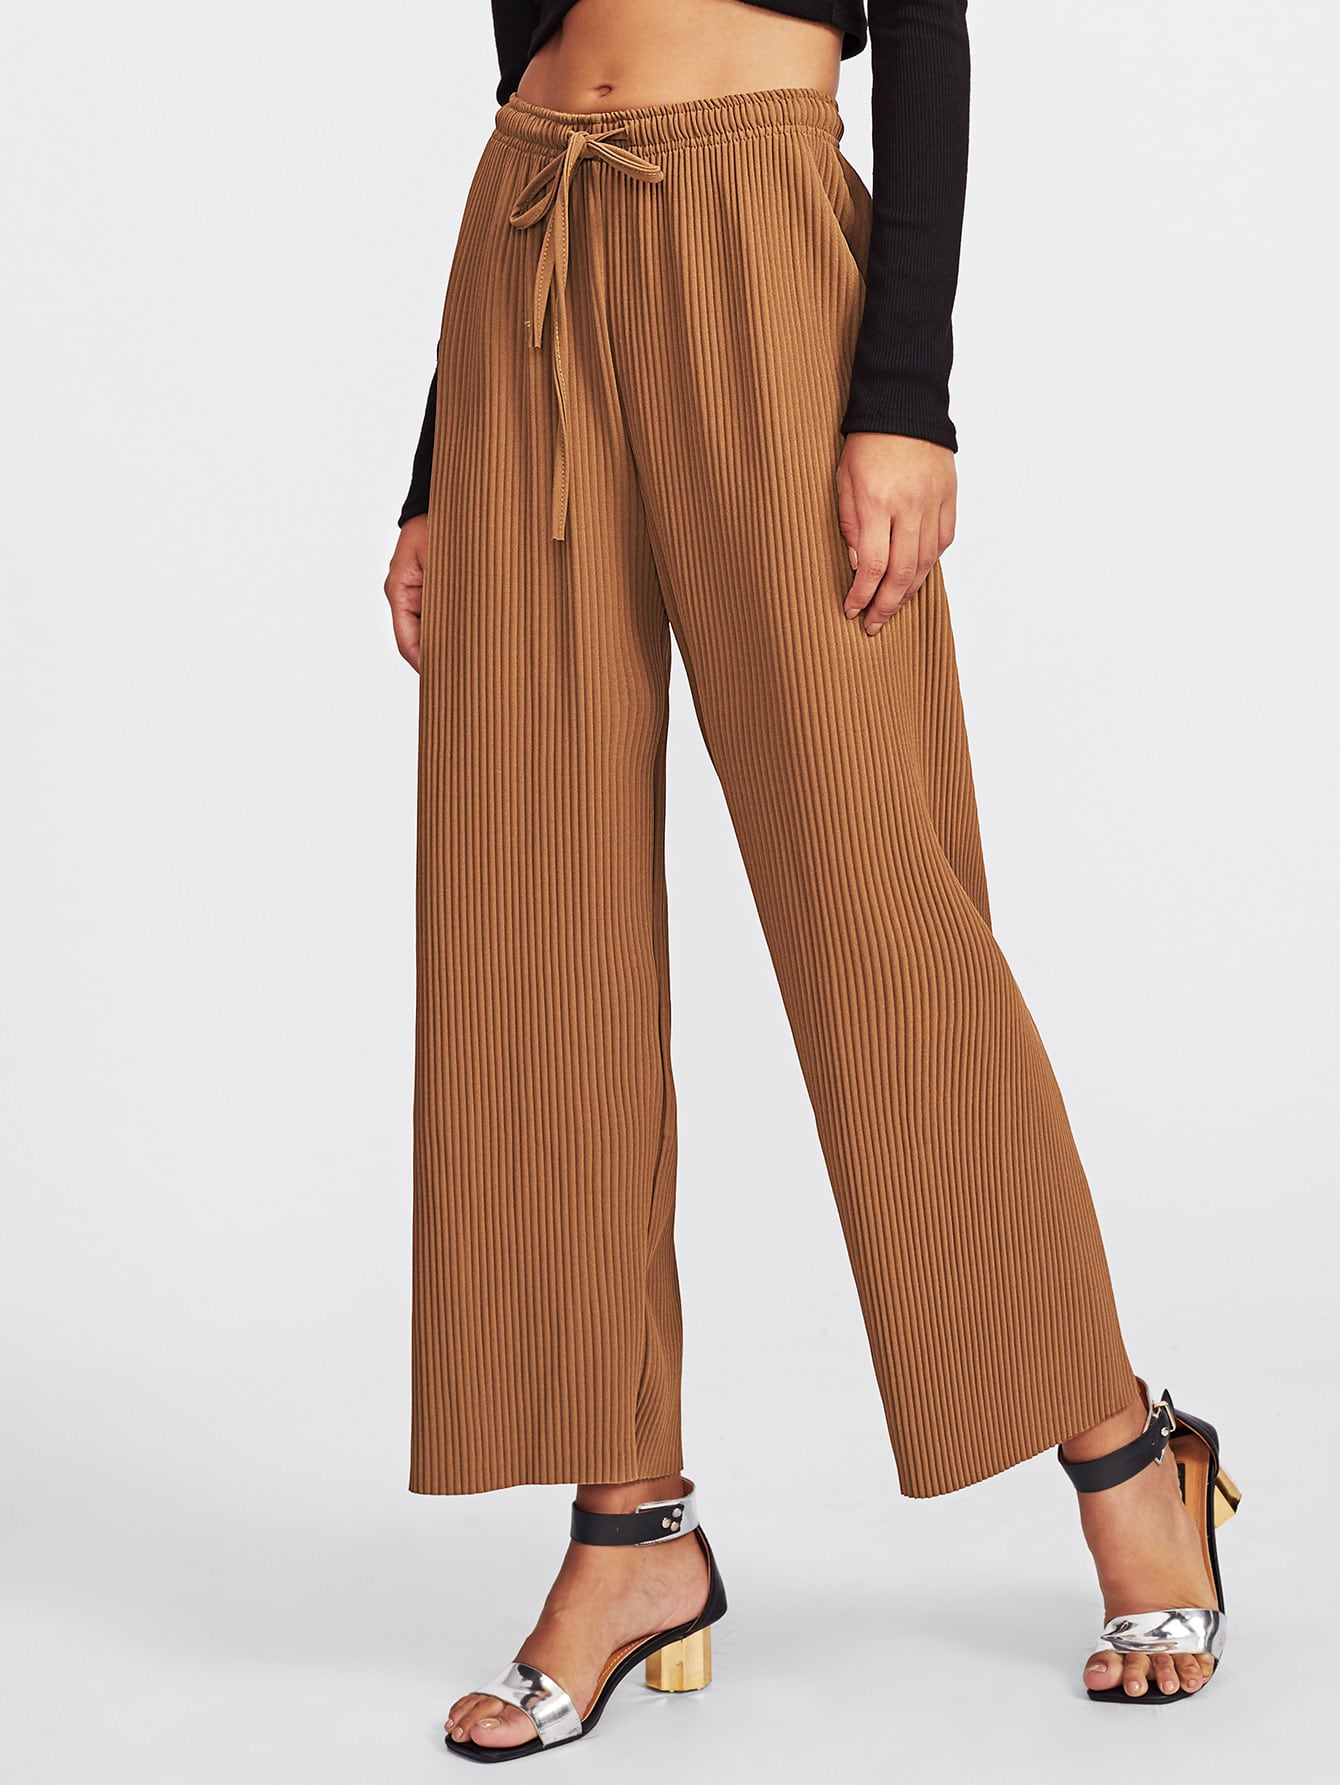 Drawstring Waist Ribbed Pants pants170925030